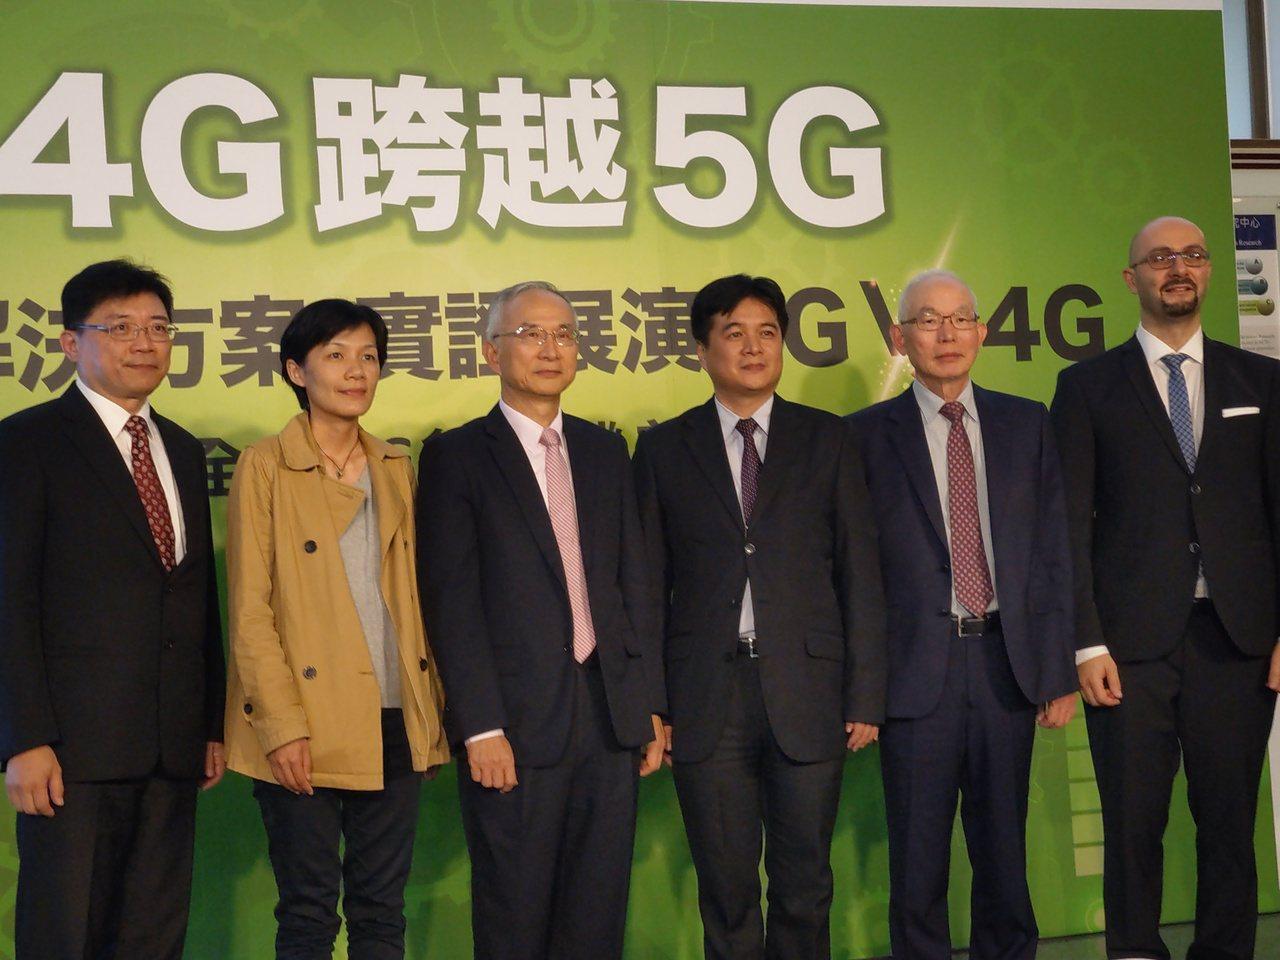 亞太電信創新應用再下一城,攜手交通大學展演最新5G應用整合成果。記者黃晶琳/攝影